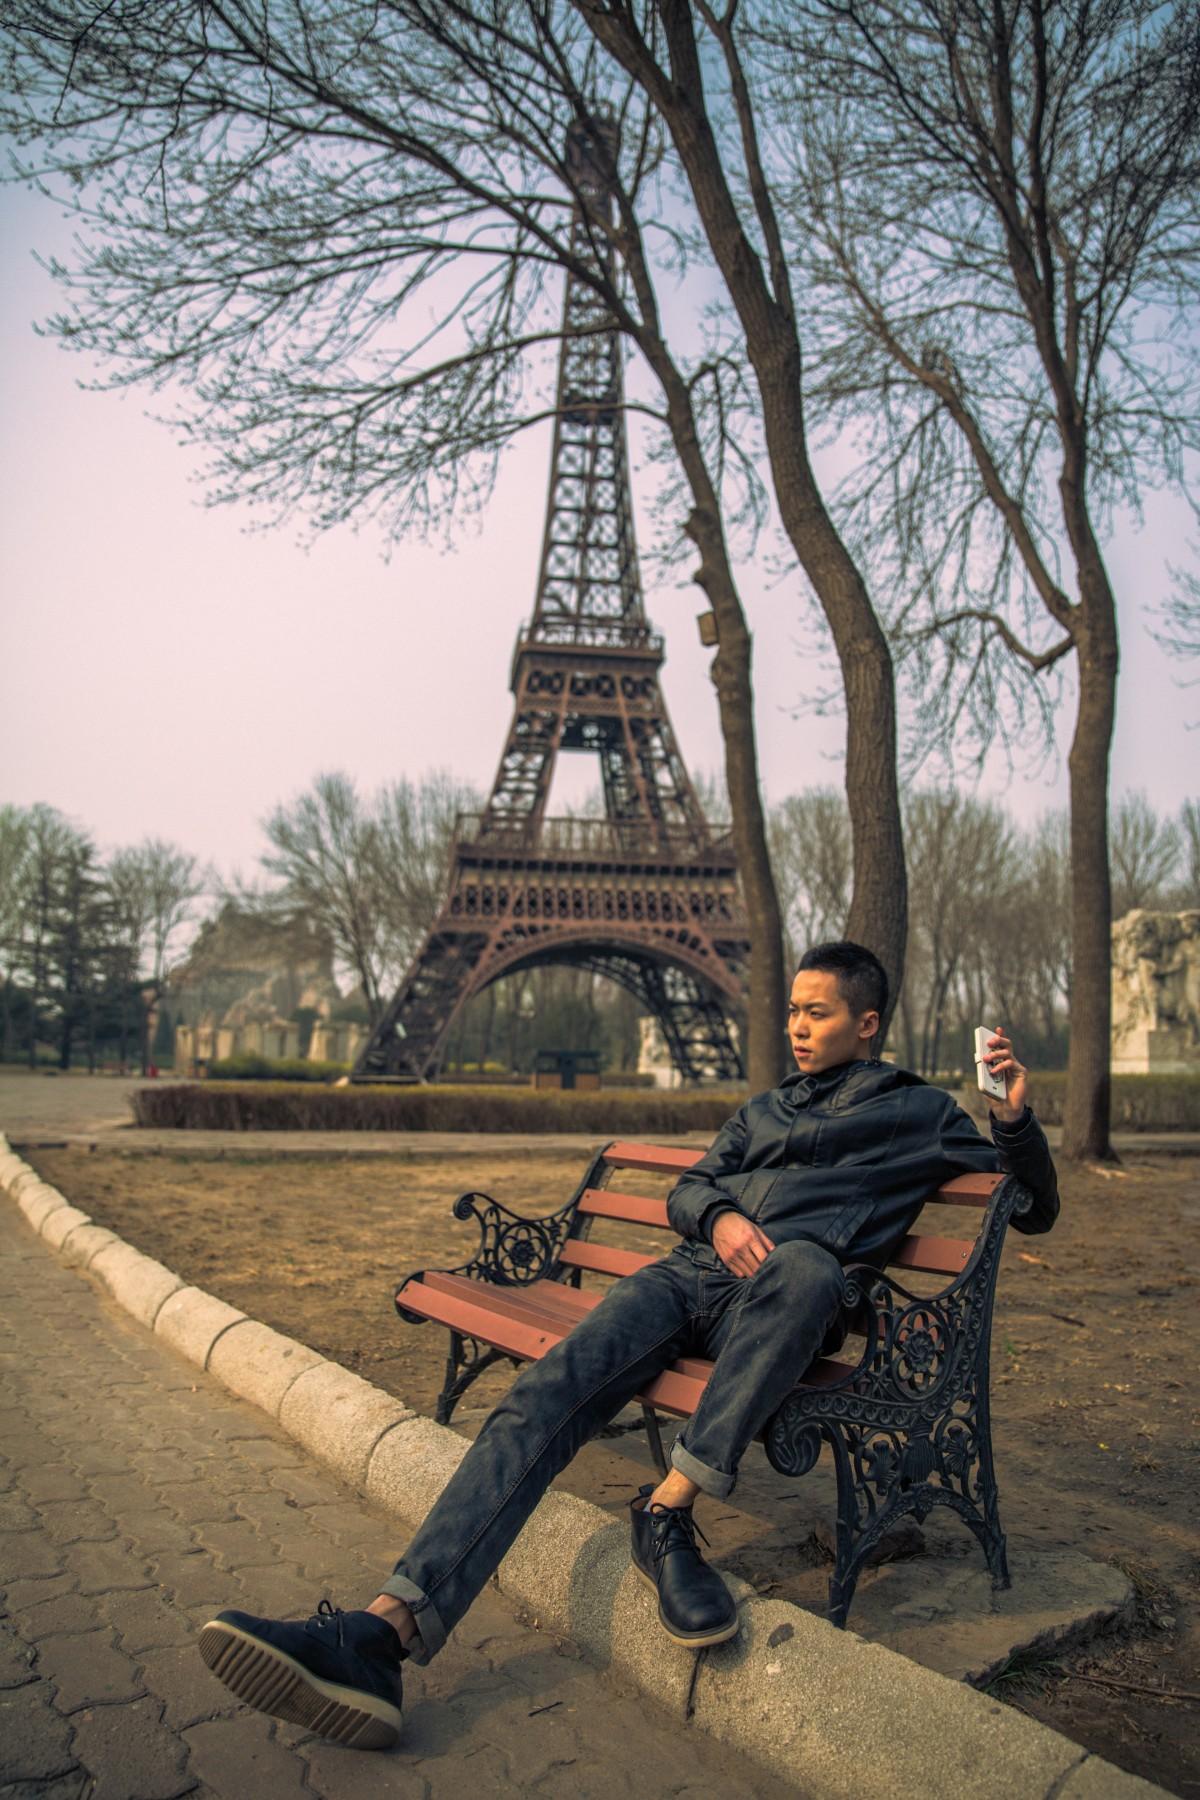 世界公园巴黎铁塔微缩景观